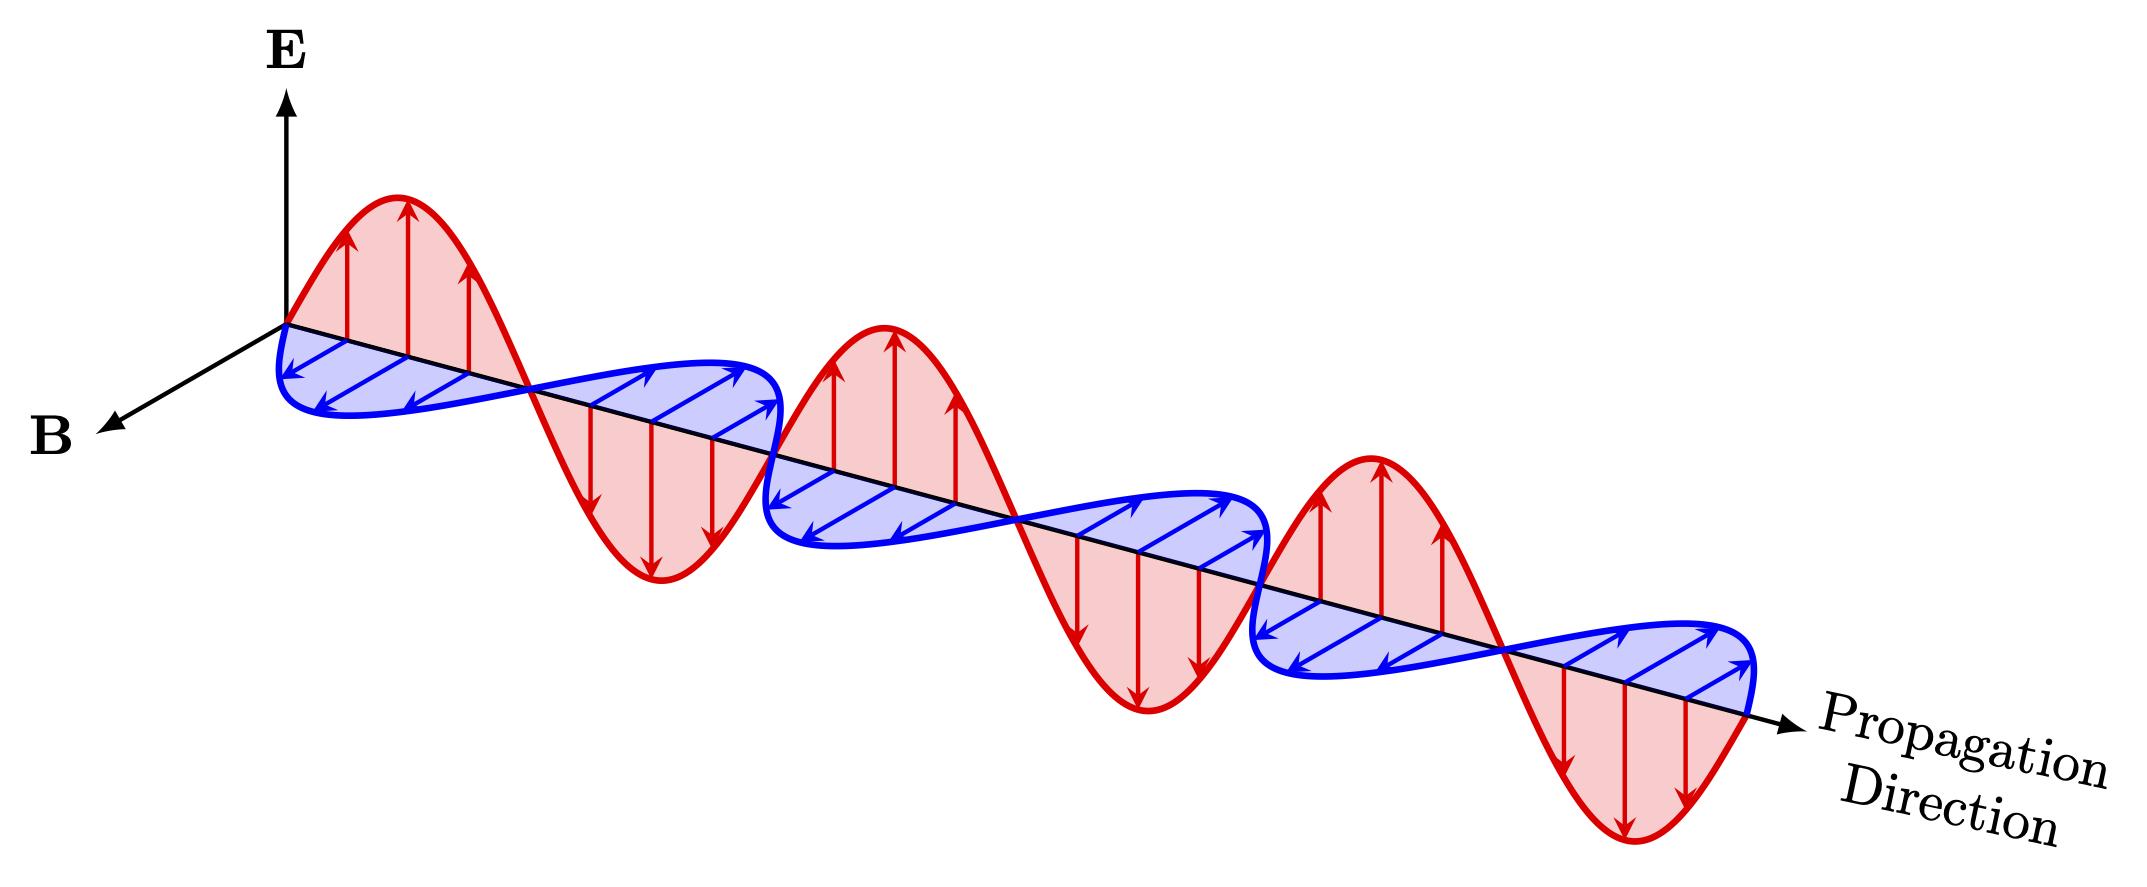 emw-propagation